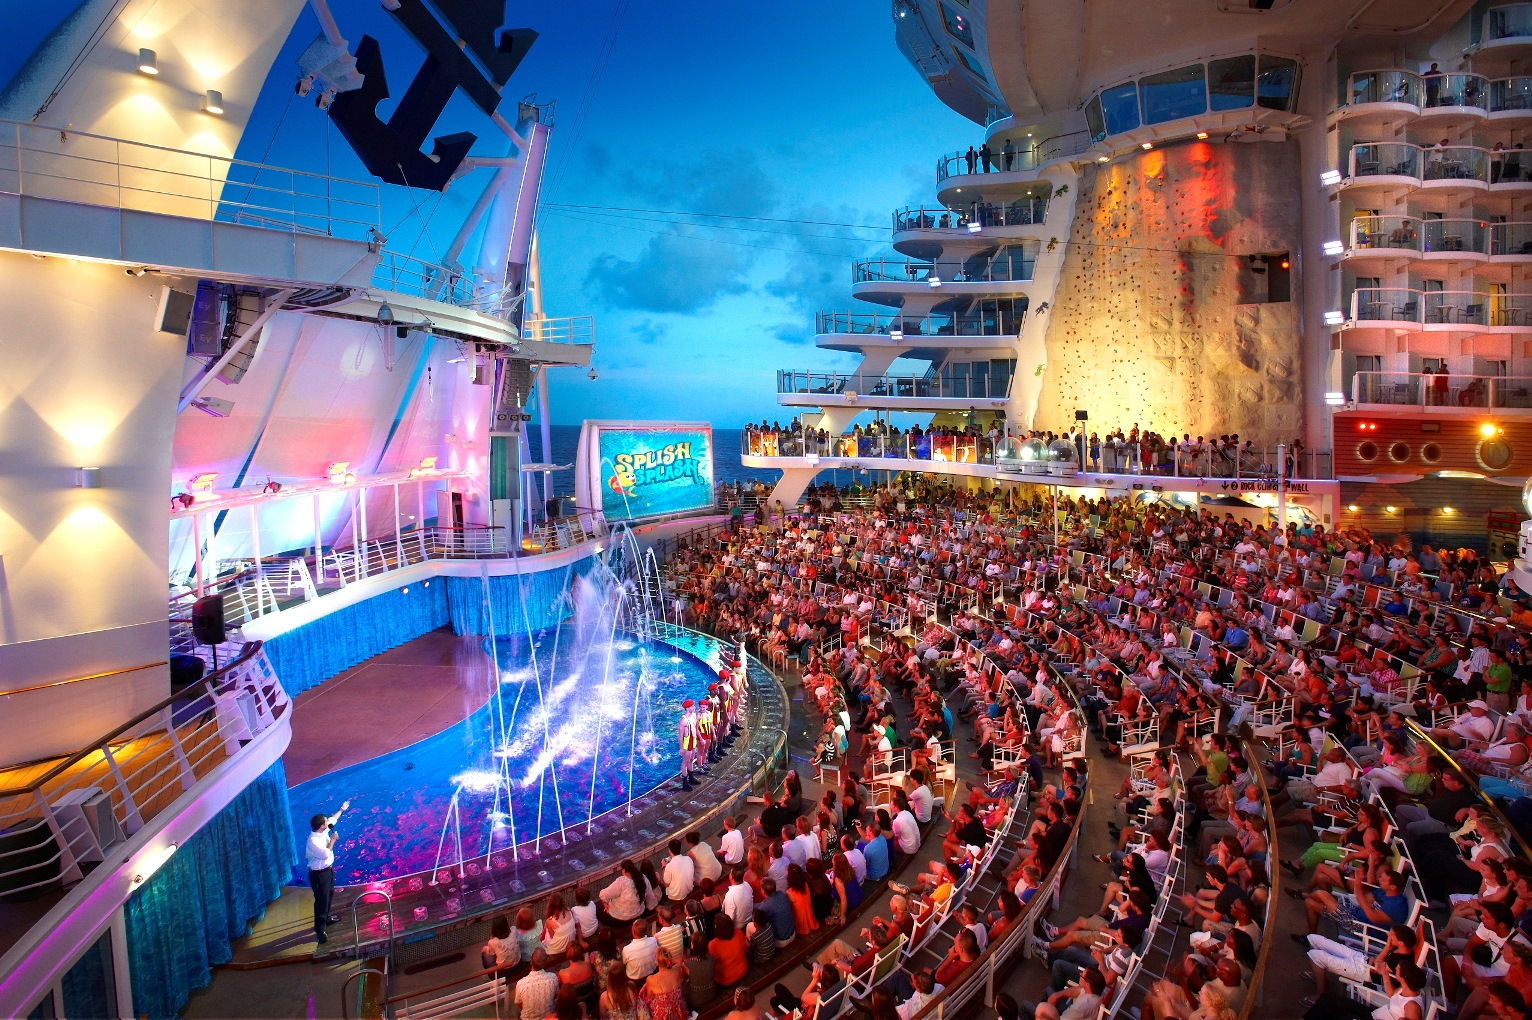 Казино на корабле в нейтральных водах азартные игры слот машины и автоматы для телефона